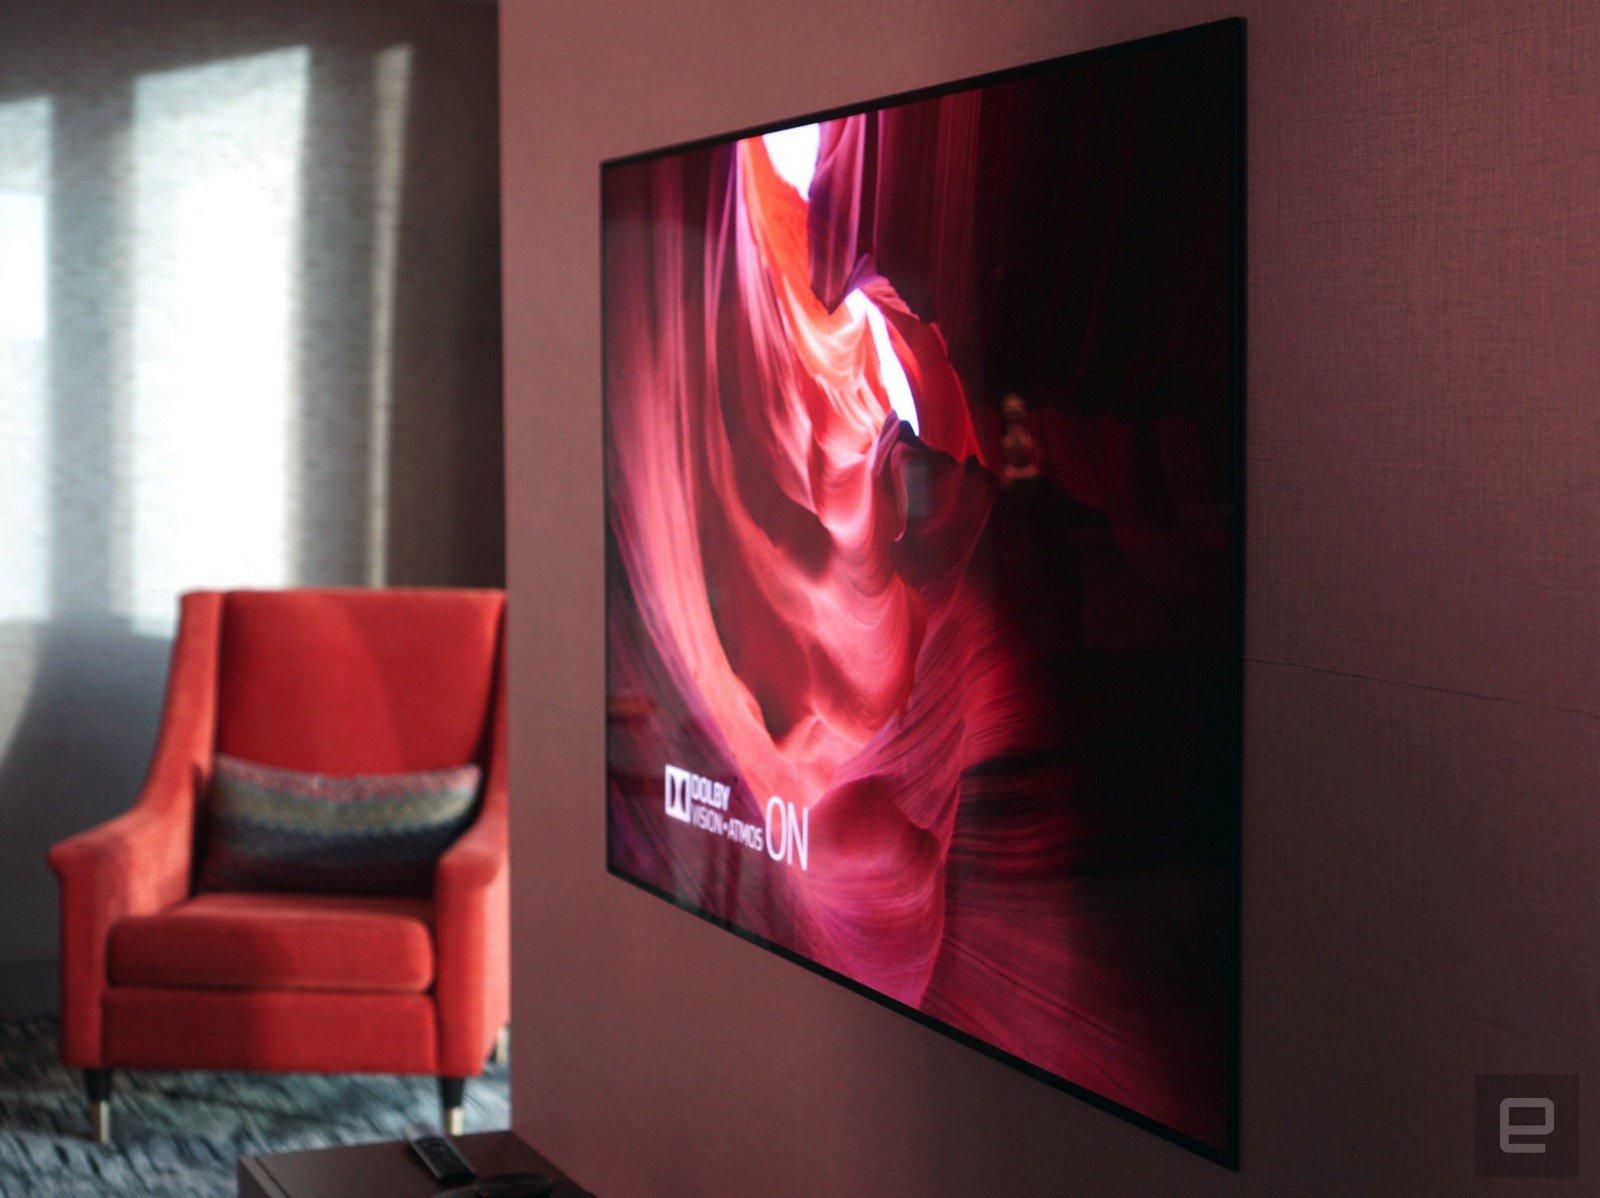 LG OLED 電視新品薄得不需要掛牆架